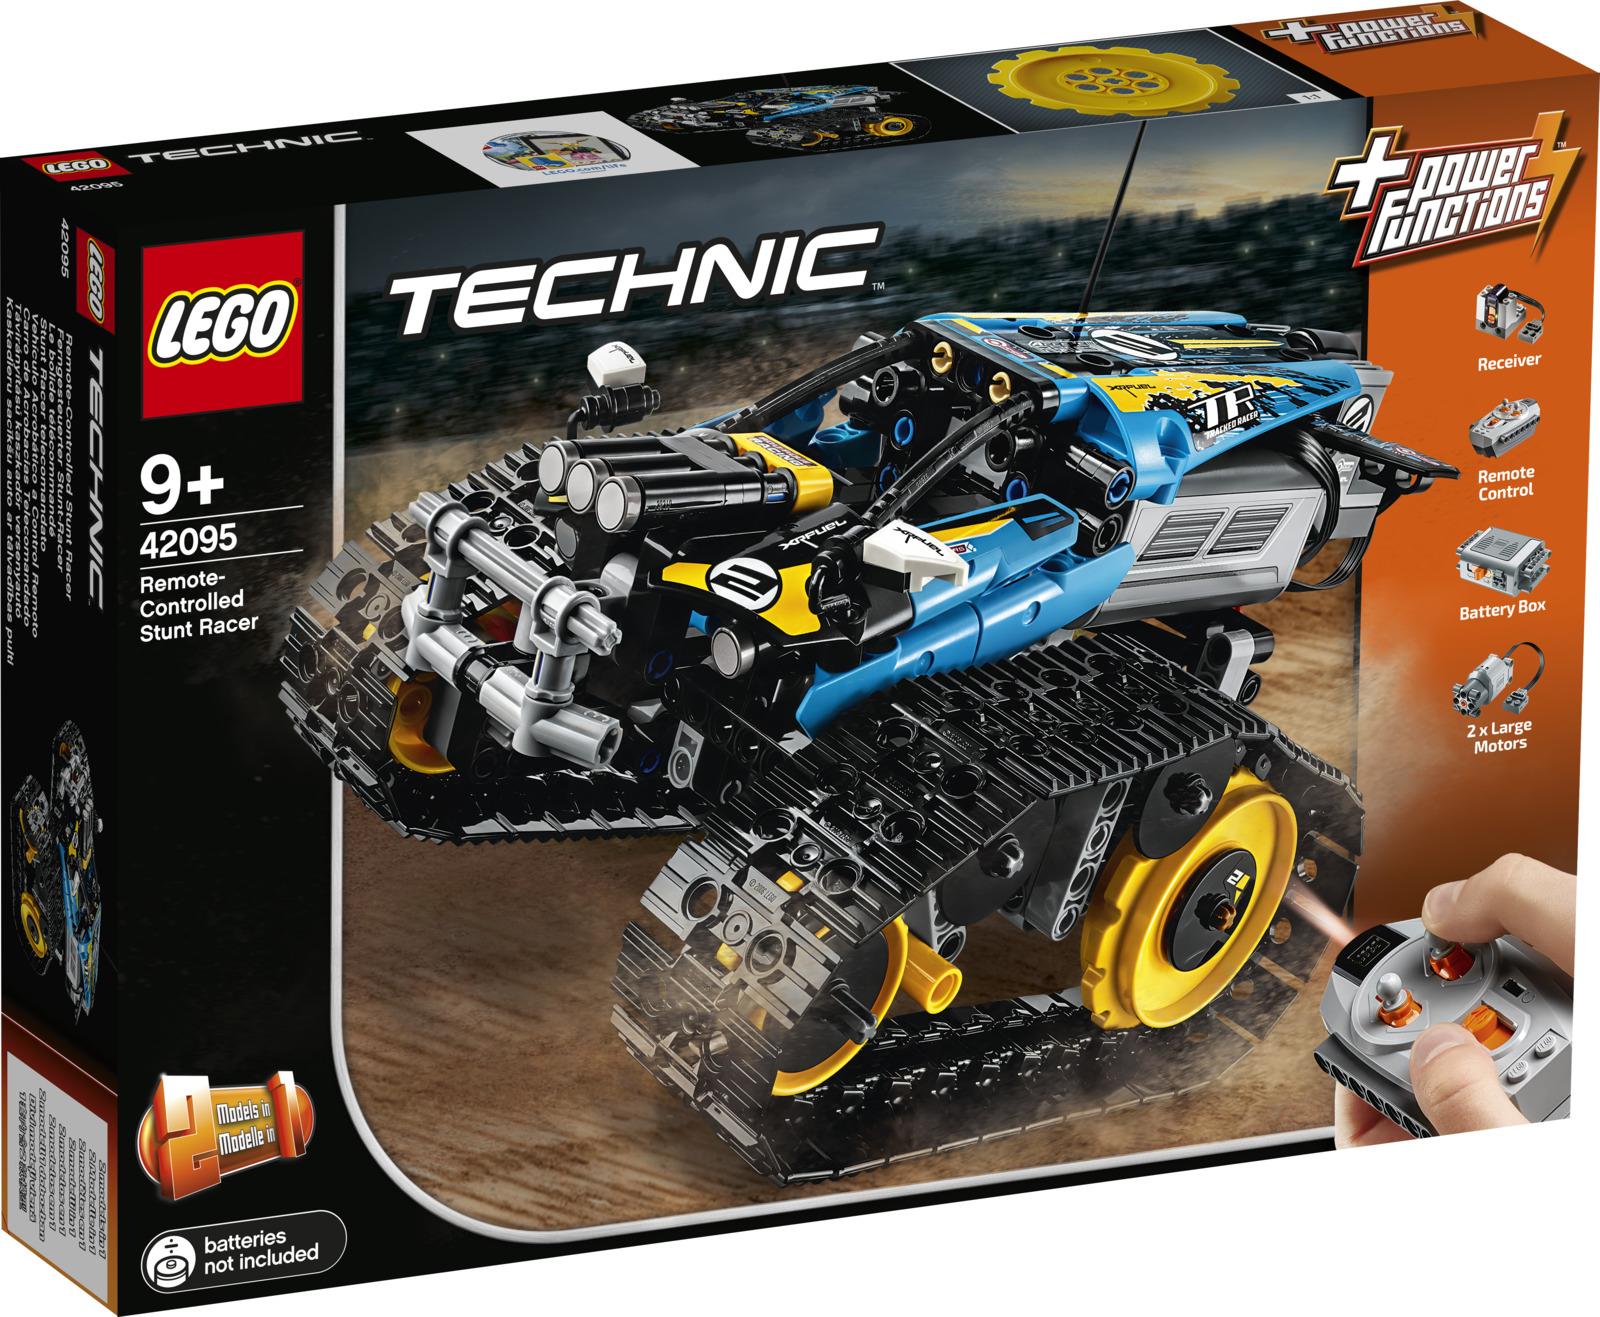 LEGO Technic 42095 Скоростной вездеход Конструктор конструктор lego technic скоростной вездеход с дистанционным управлением 42065